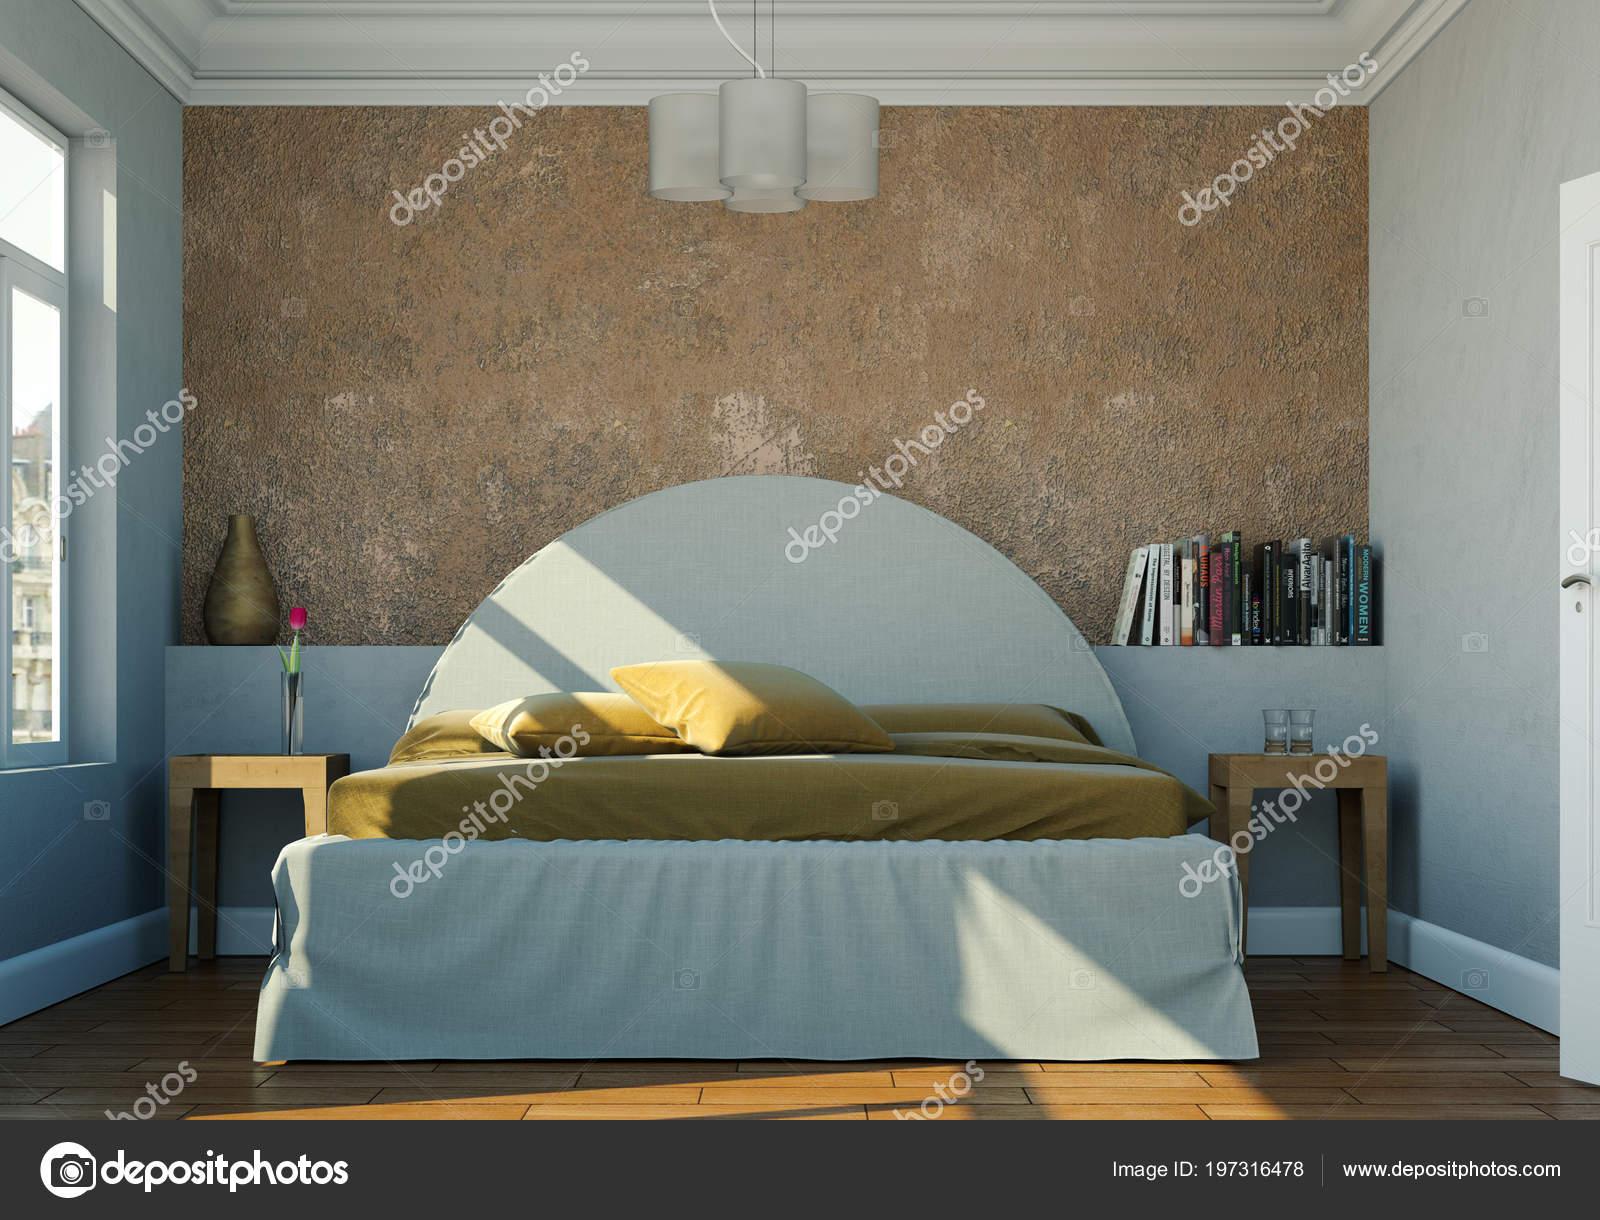 Arredamento Camera Da Letto Marrone : Camera da letto moderna con la parete marrone e arredamento